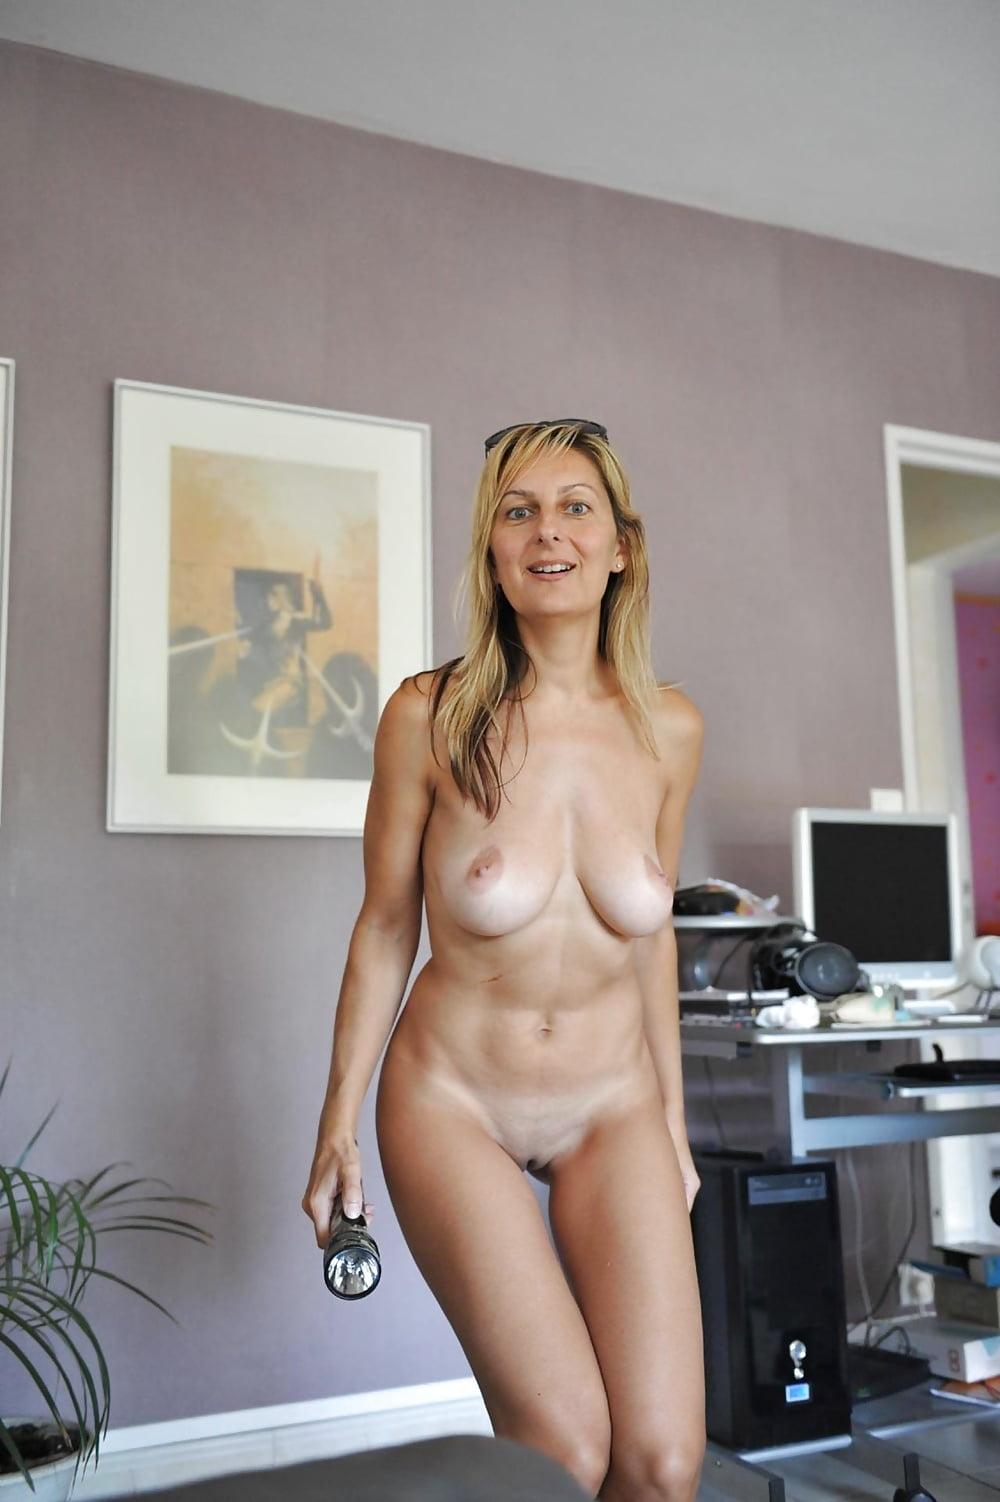 дома голые женщины видео - 3